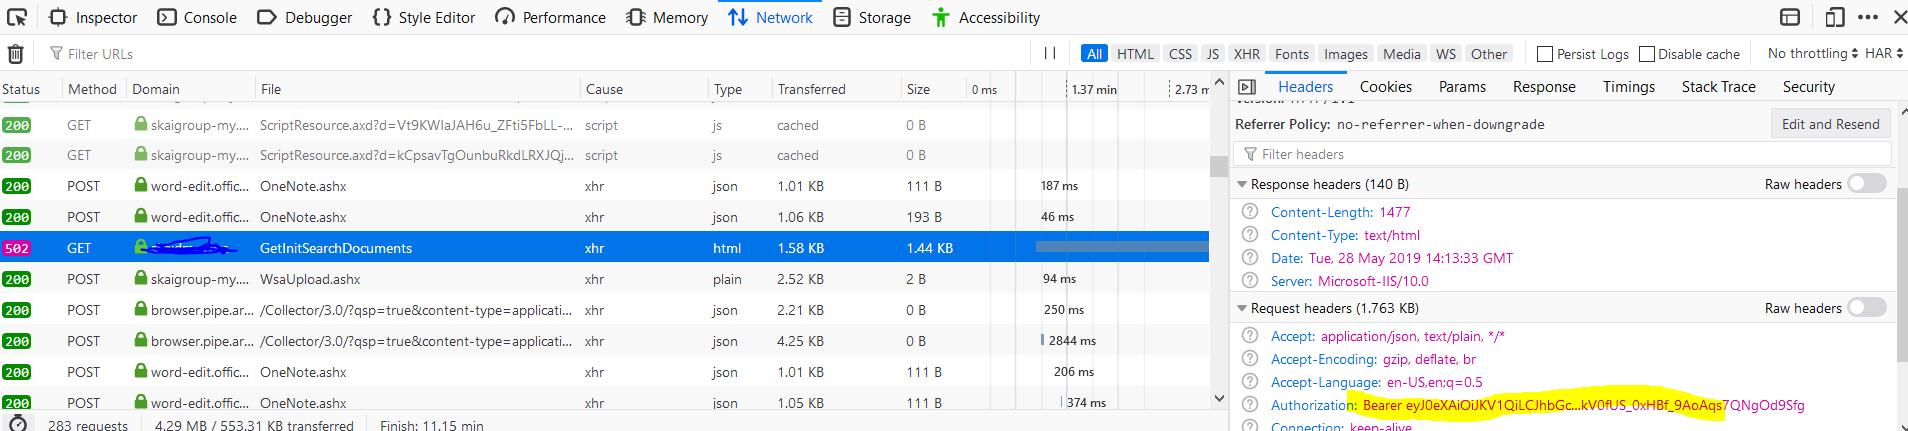 GIT PULL ERROR RPC FAILED RESULT=22 HTTP CODE = 502 - ONAP